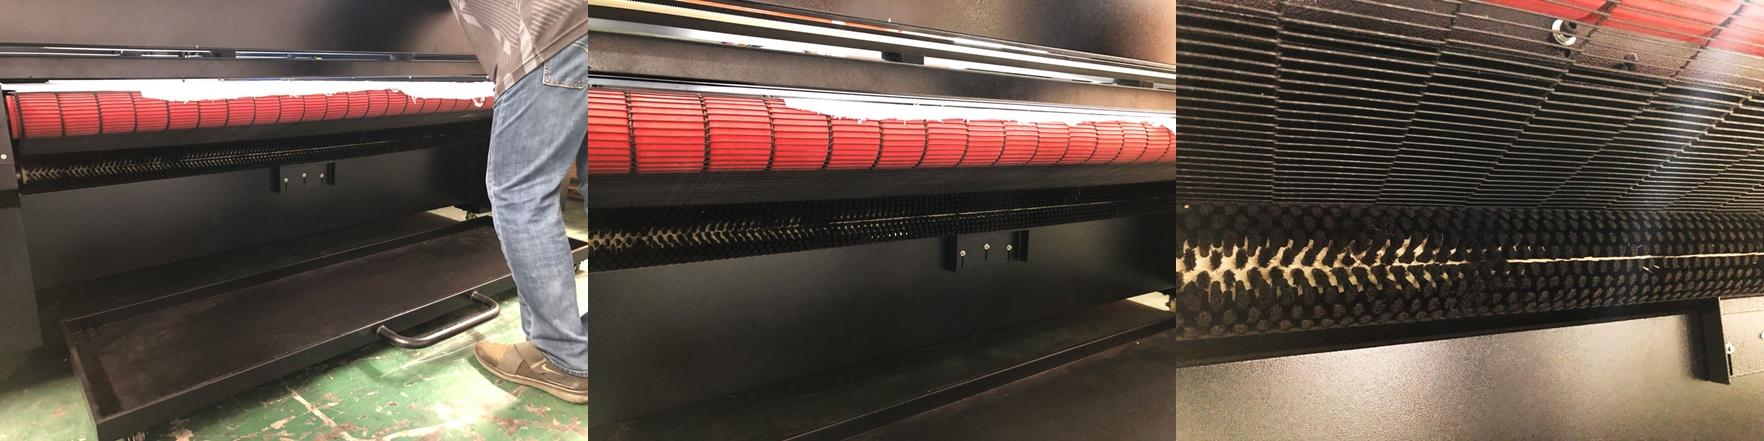 เครื่องตัดเลเซอร์, เครื่องตัดผ้า. เครื่องตัดผ้าเลเซอร์, เครื่องคัด, ตัดผ้า, ตัดอะคริลิค